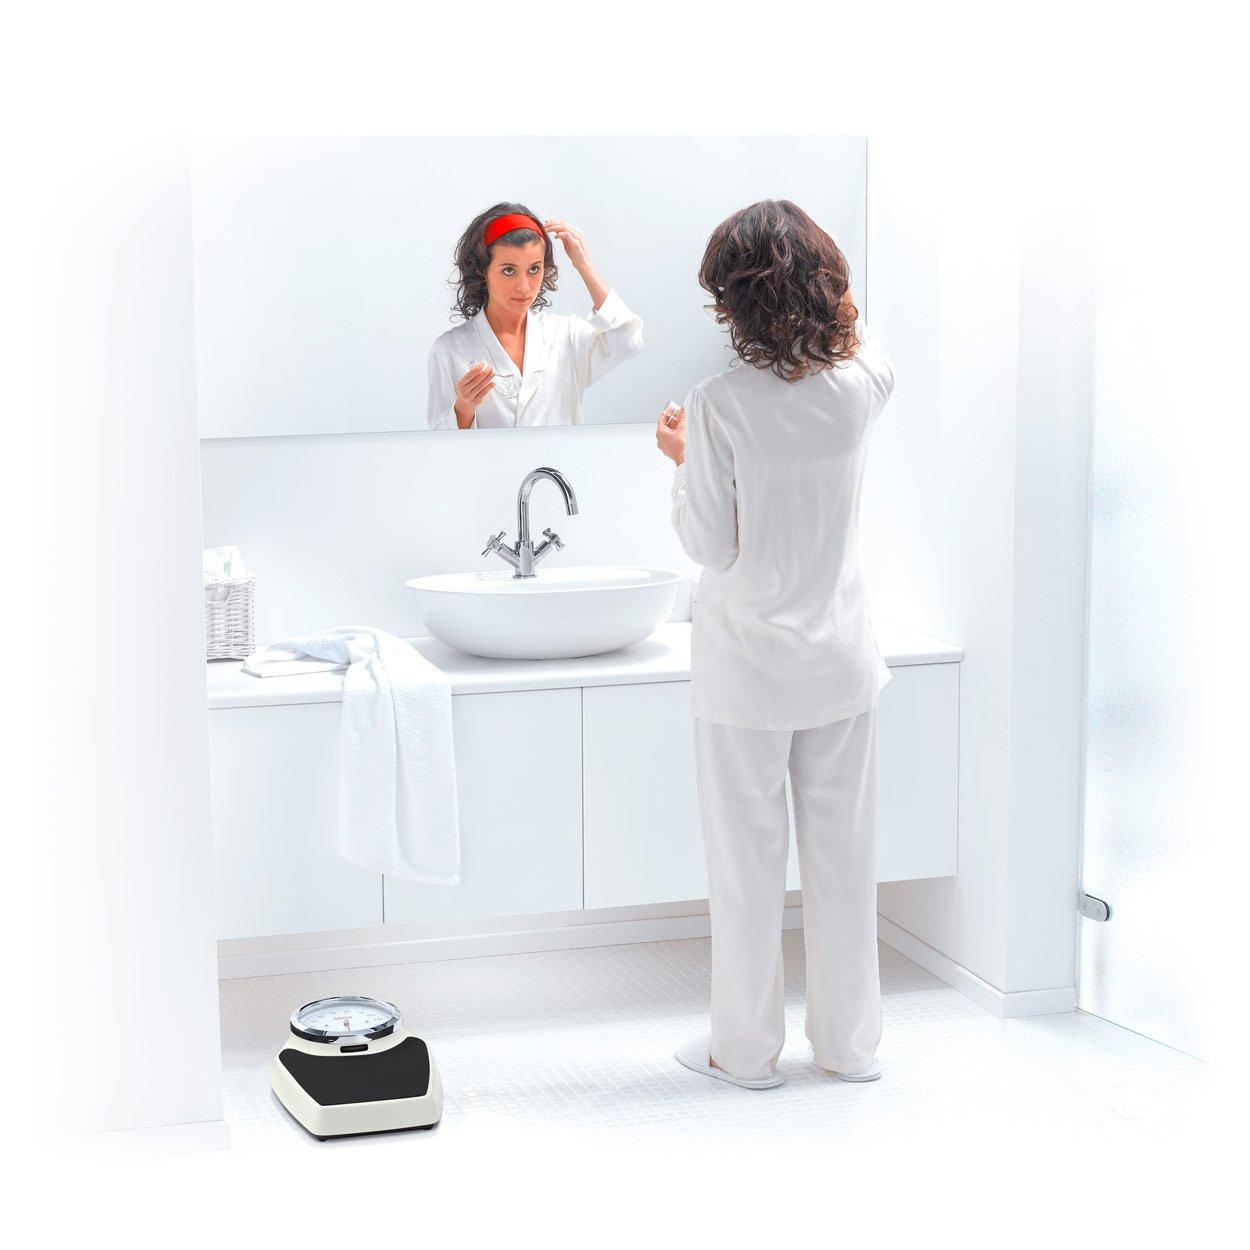 Seca colorata 760 - Báscula mecánica negro-blanco: Amazon.es: Salud y cuidado personal